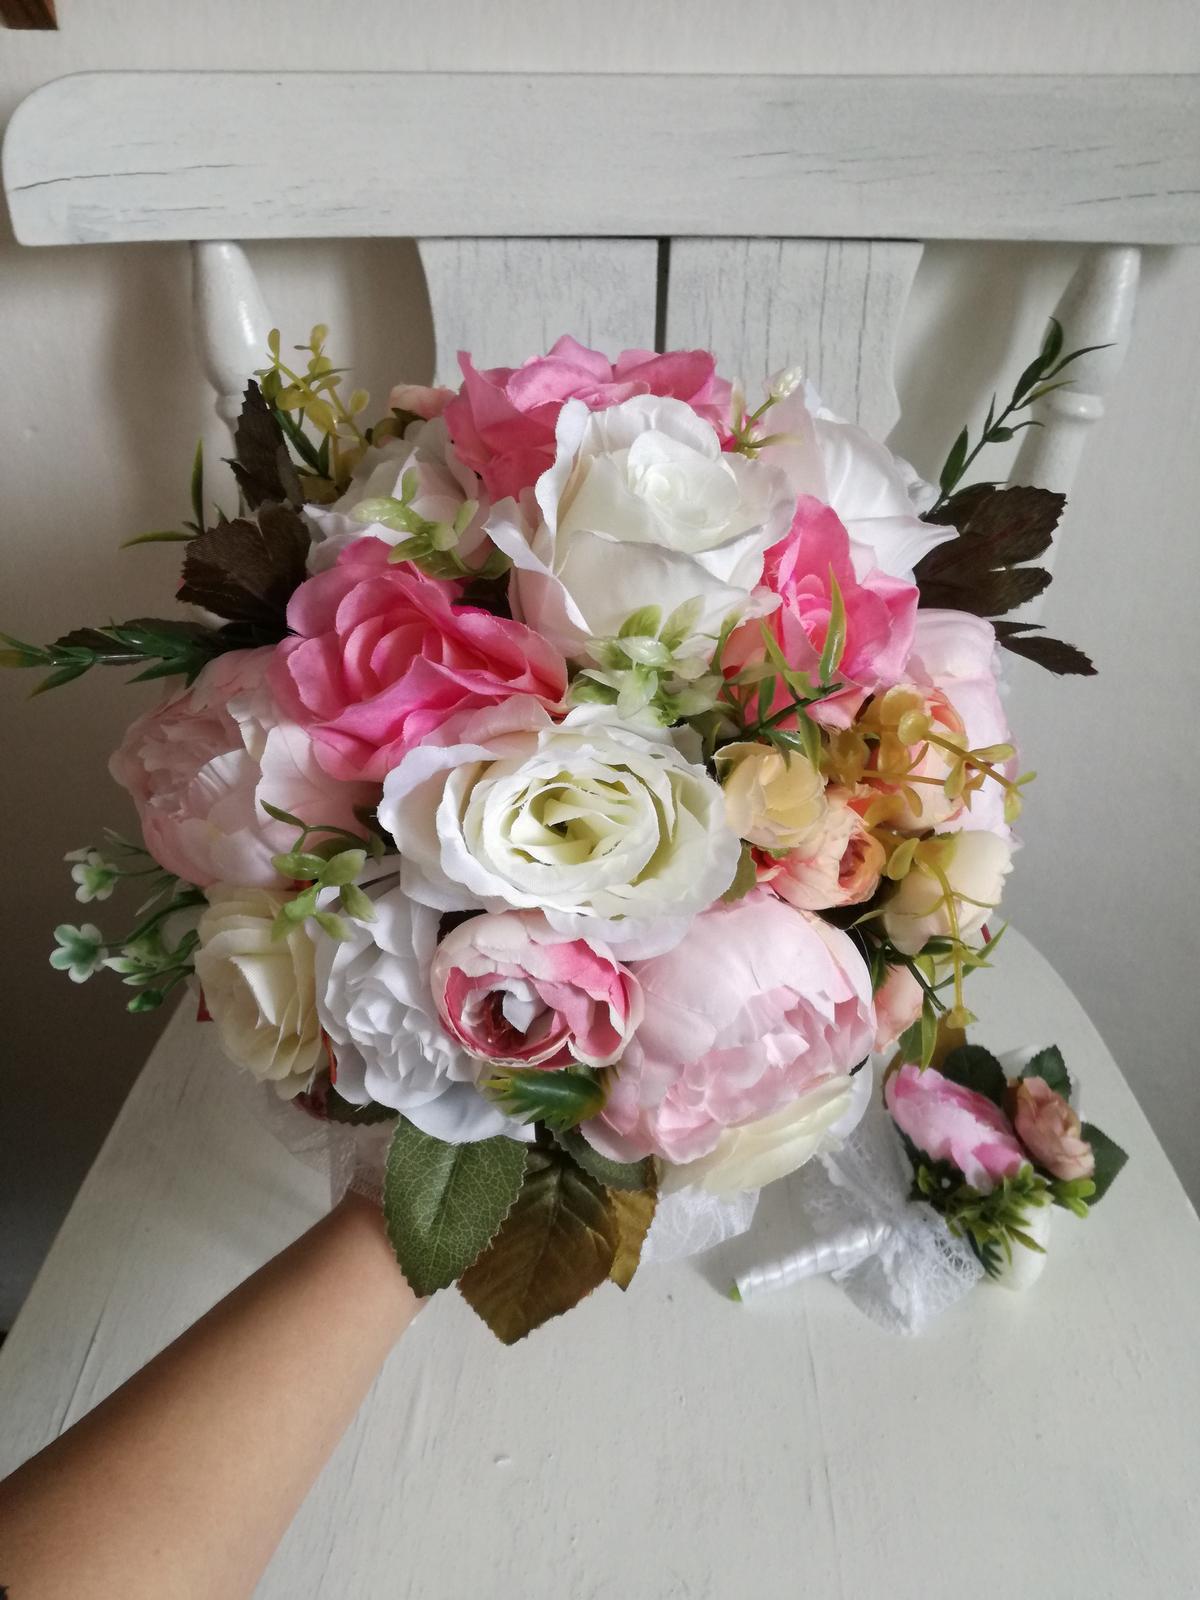 Z umelých kvetov - Obrázok č. 36